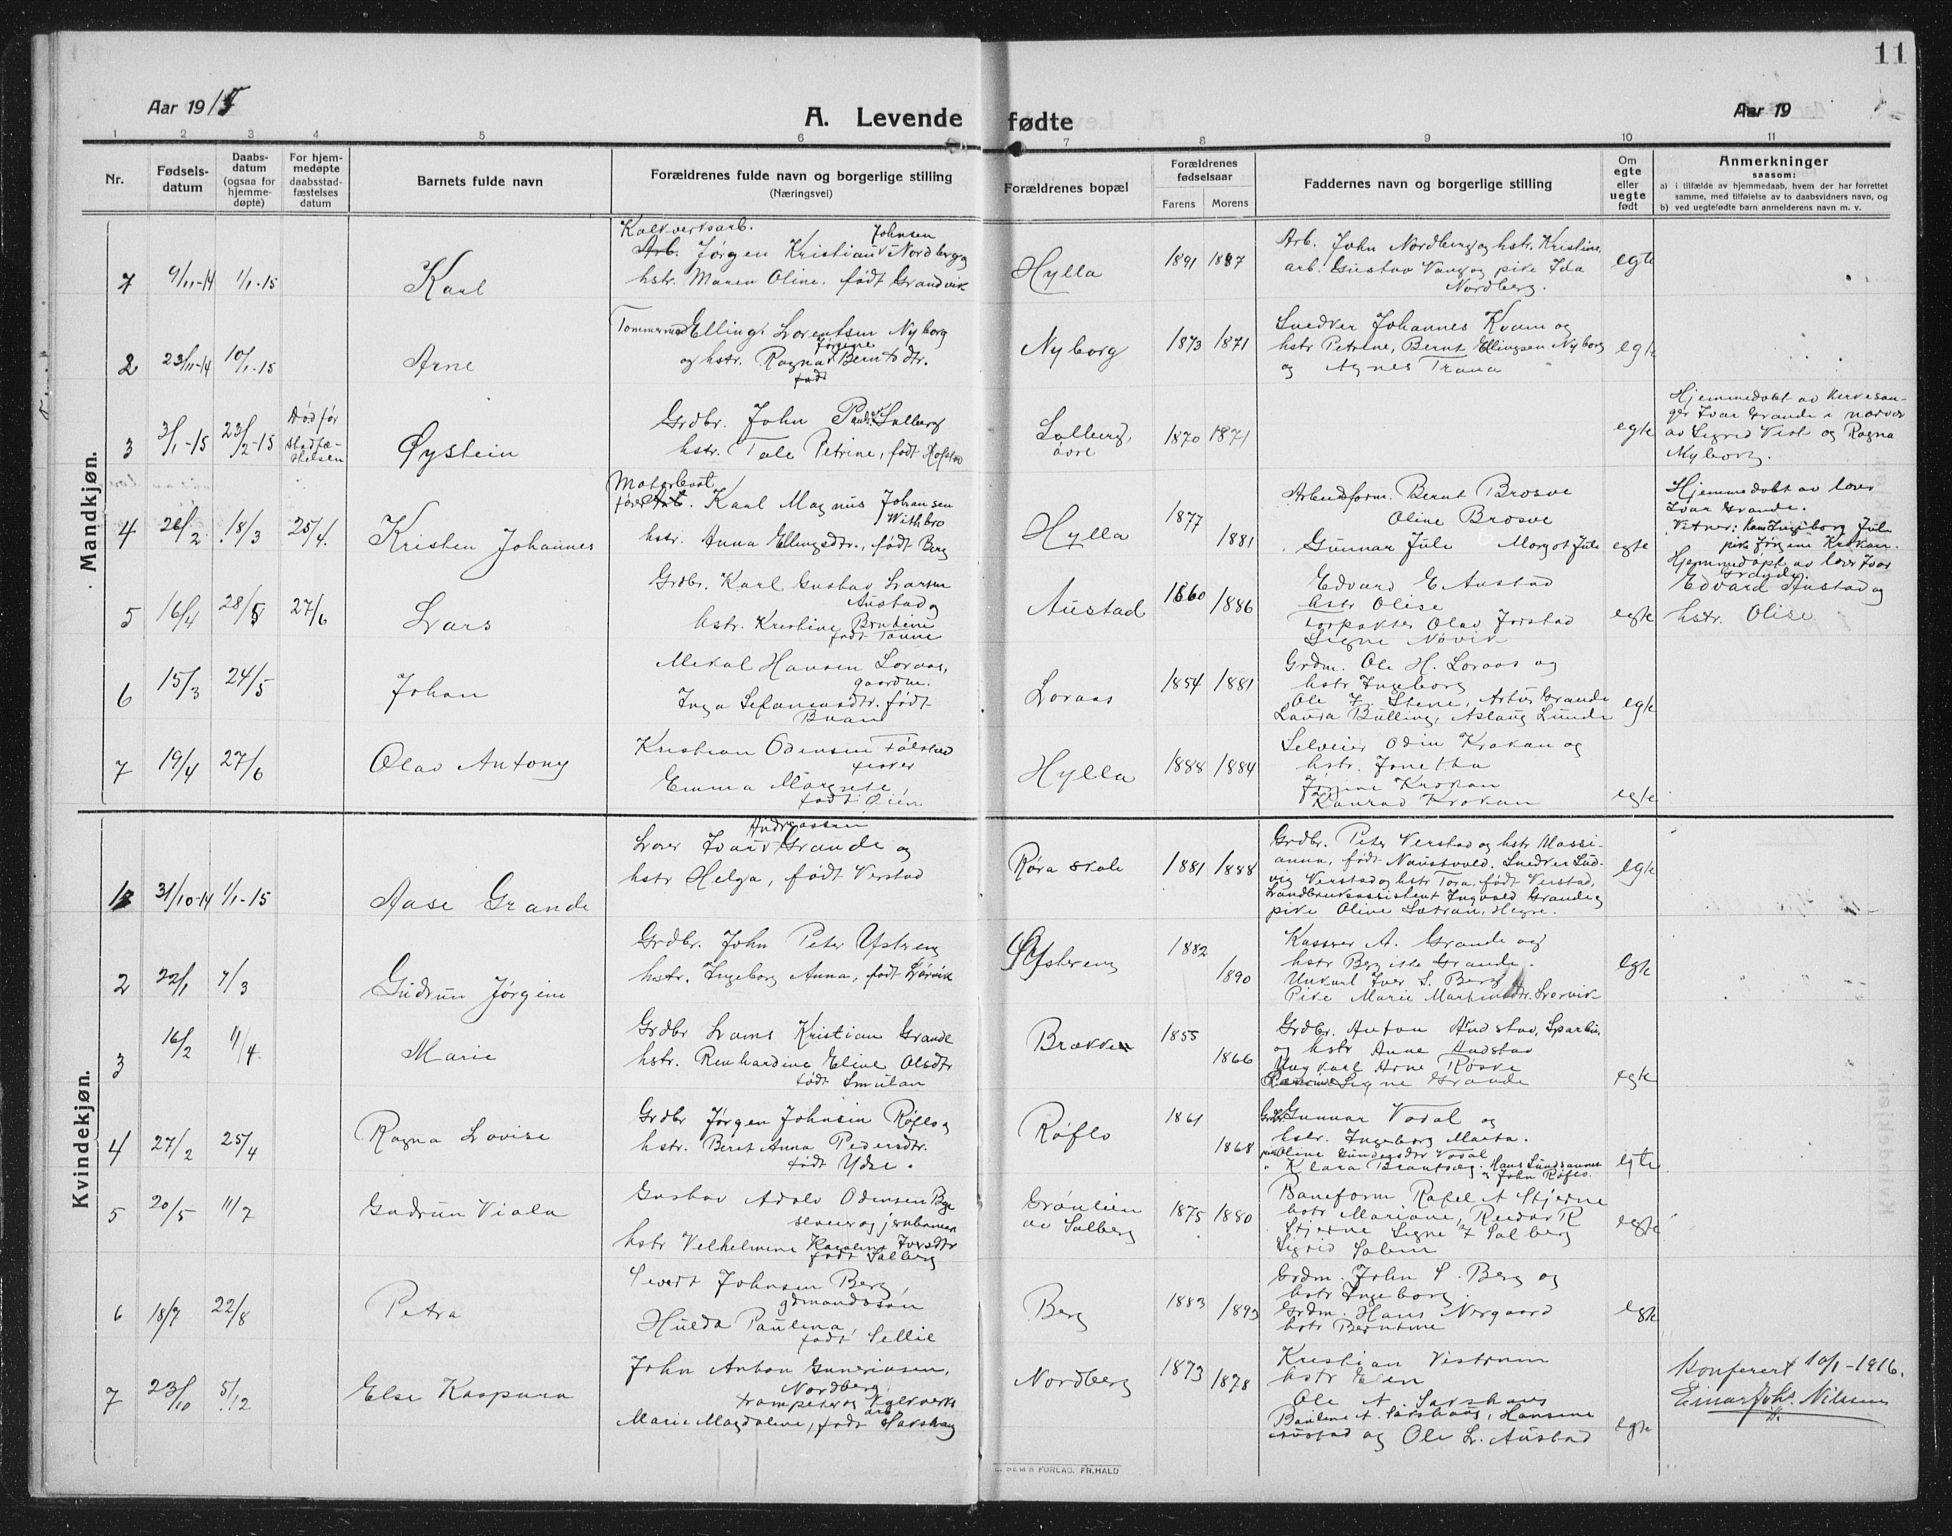 SAT, Ministerialprotokoller, klokkerbøker og fødselsregistre - Nord-Trøndelag, 731/L0312: Klokkerbok nr. 731C03, 1911-1935, s. 11